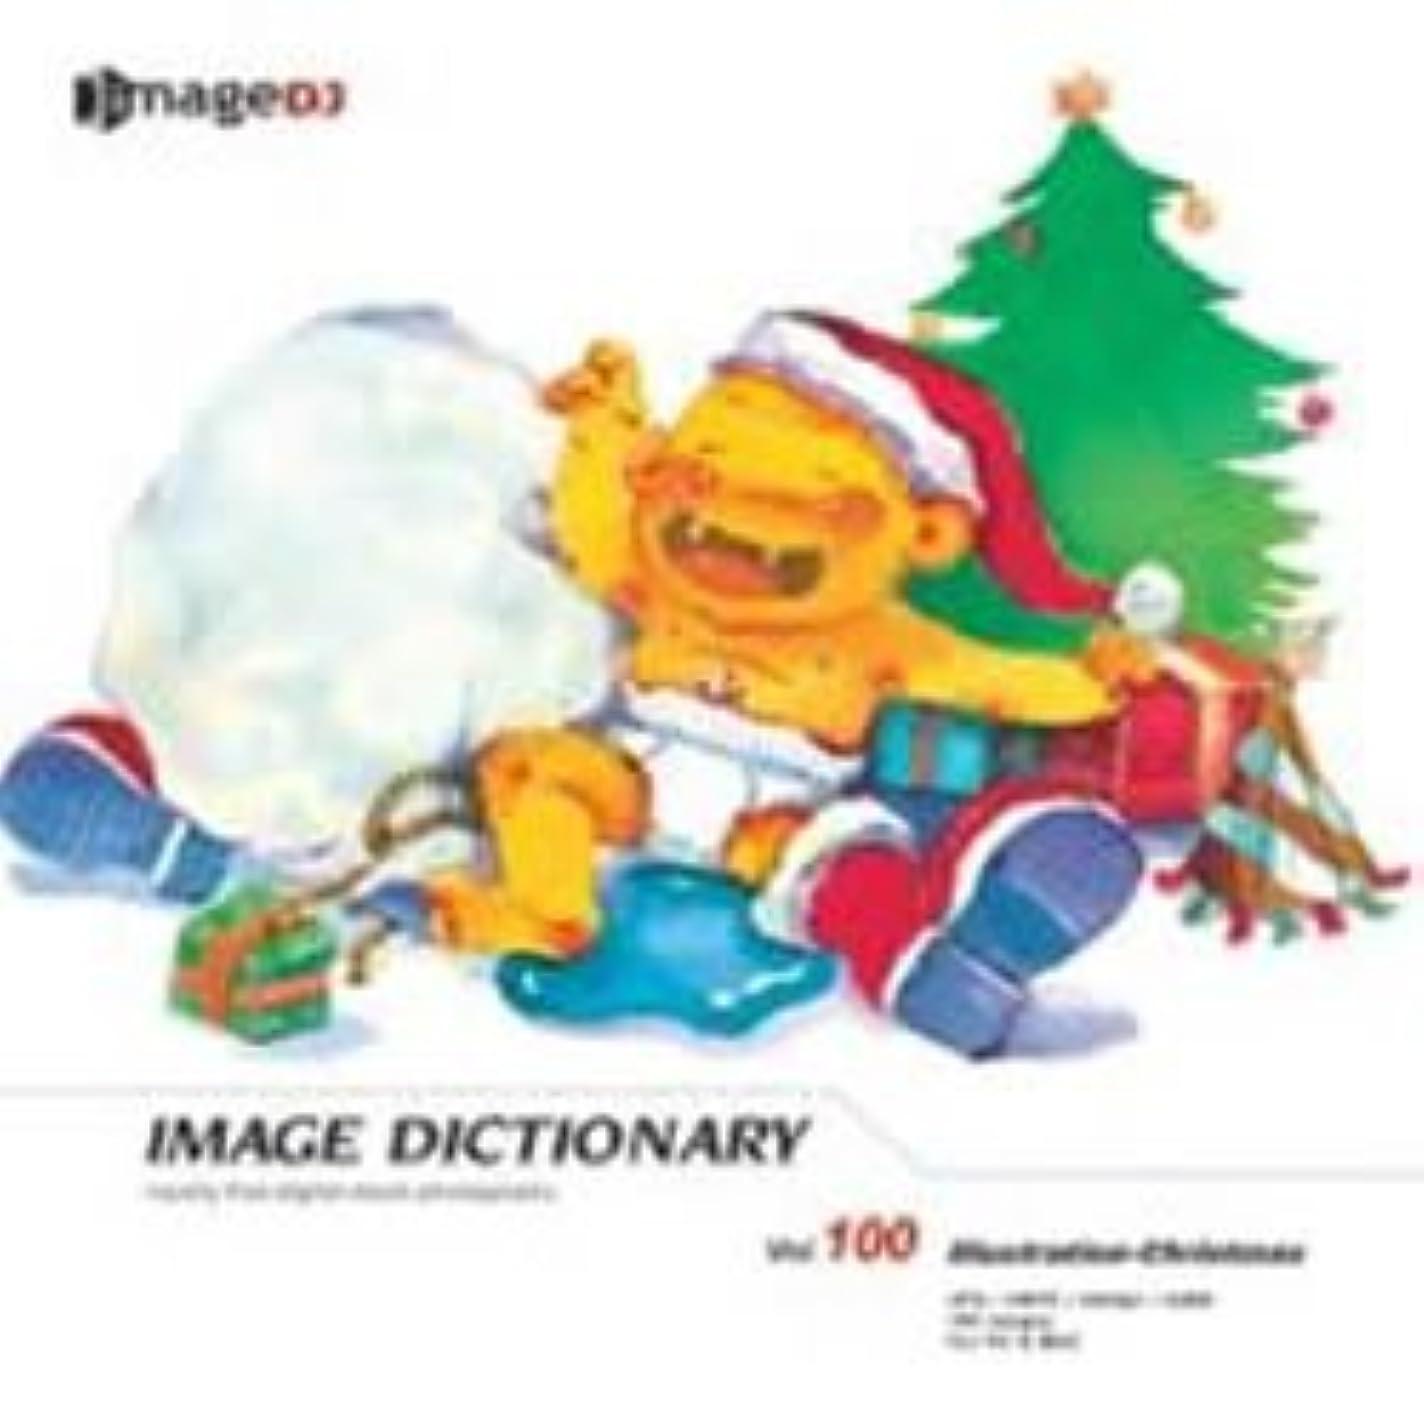 買い手印象的引っ張るイメージ ディクショナリー Vol.100 クリスマス (イラスト)